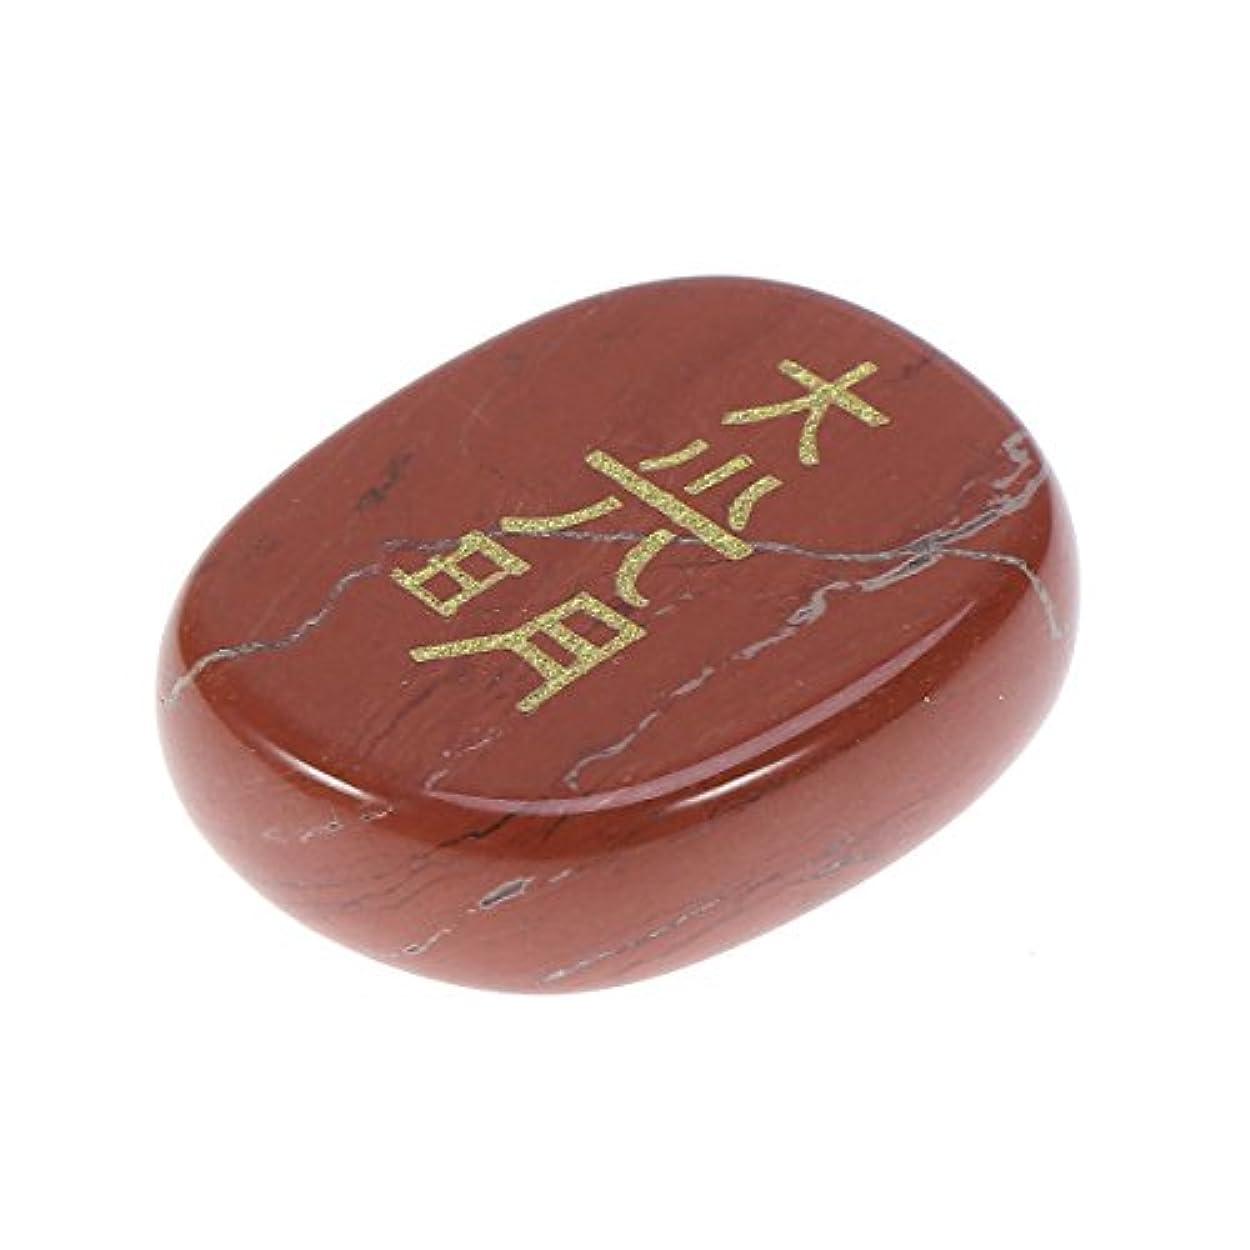 内なる驚いた頂点Healifty 宗教 石 彫刻 天然 クリスタルストーン エンジェル記号 彫刻 瞑想 (ダークレッド)